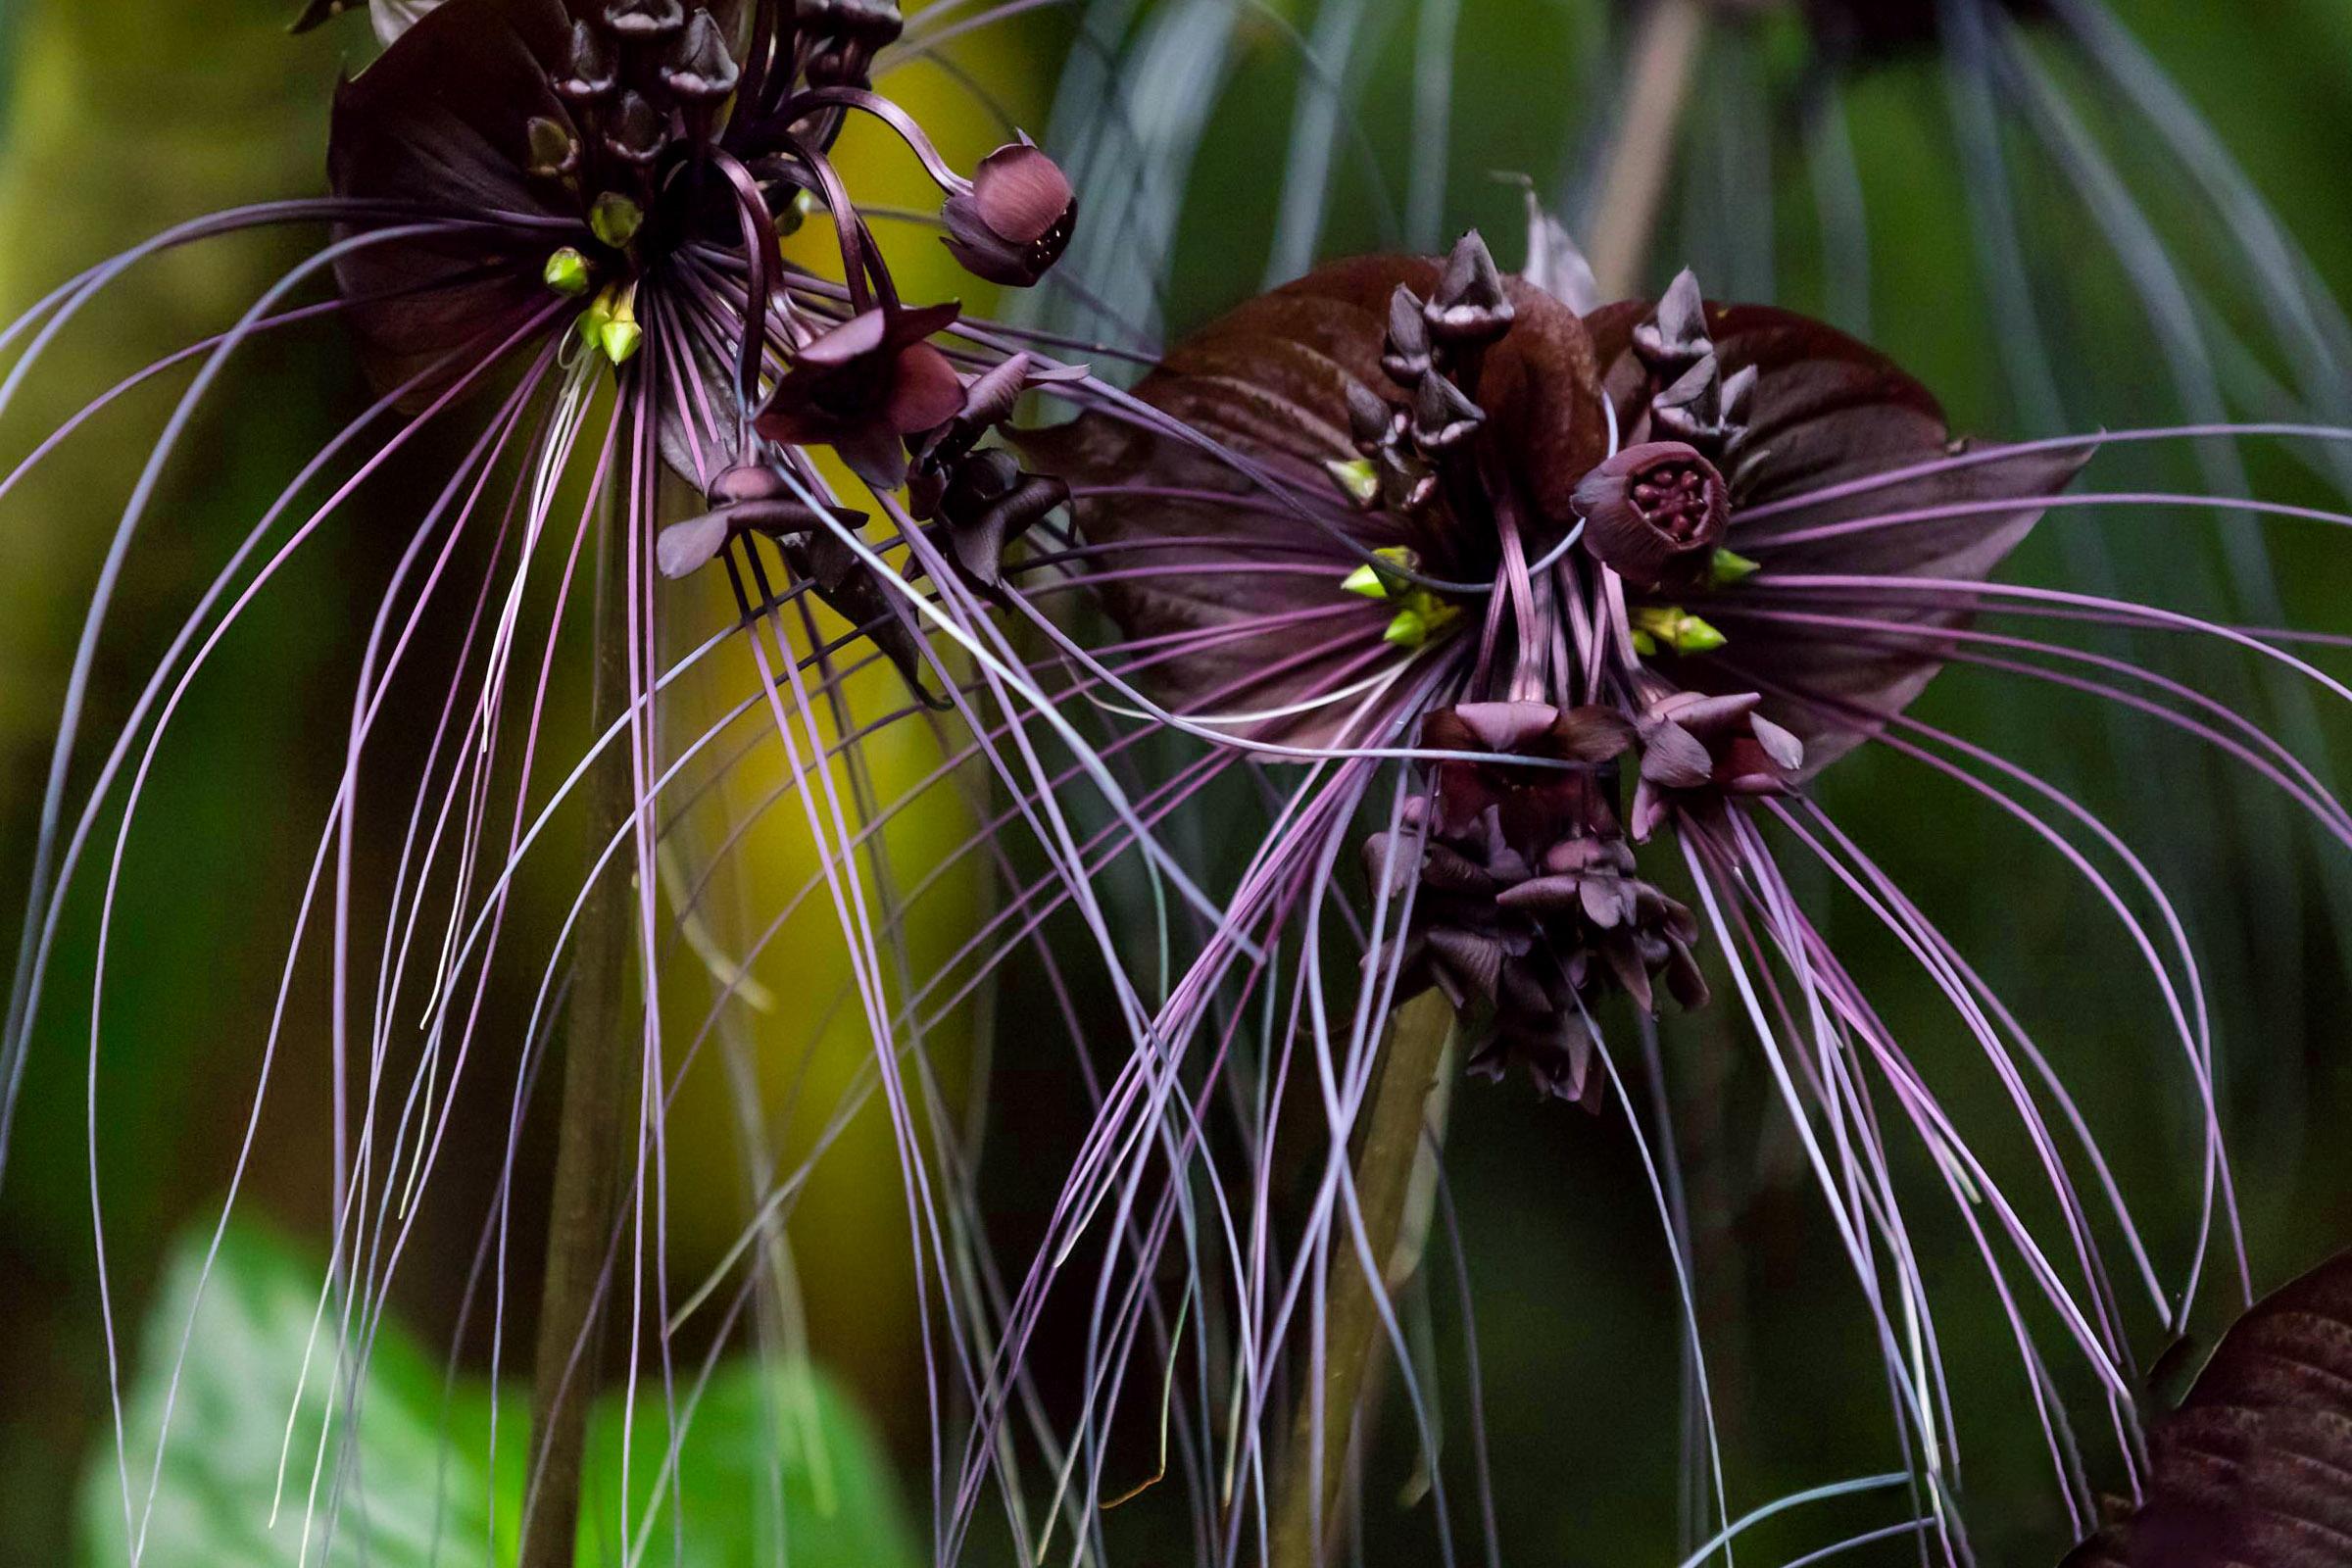 Juoda orchidėja (gėlė)